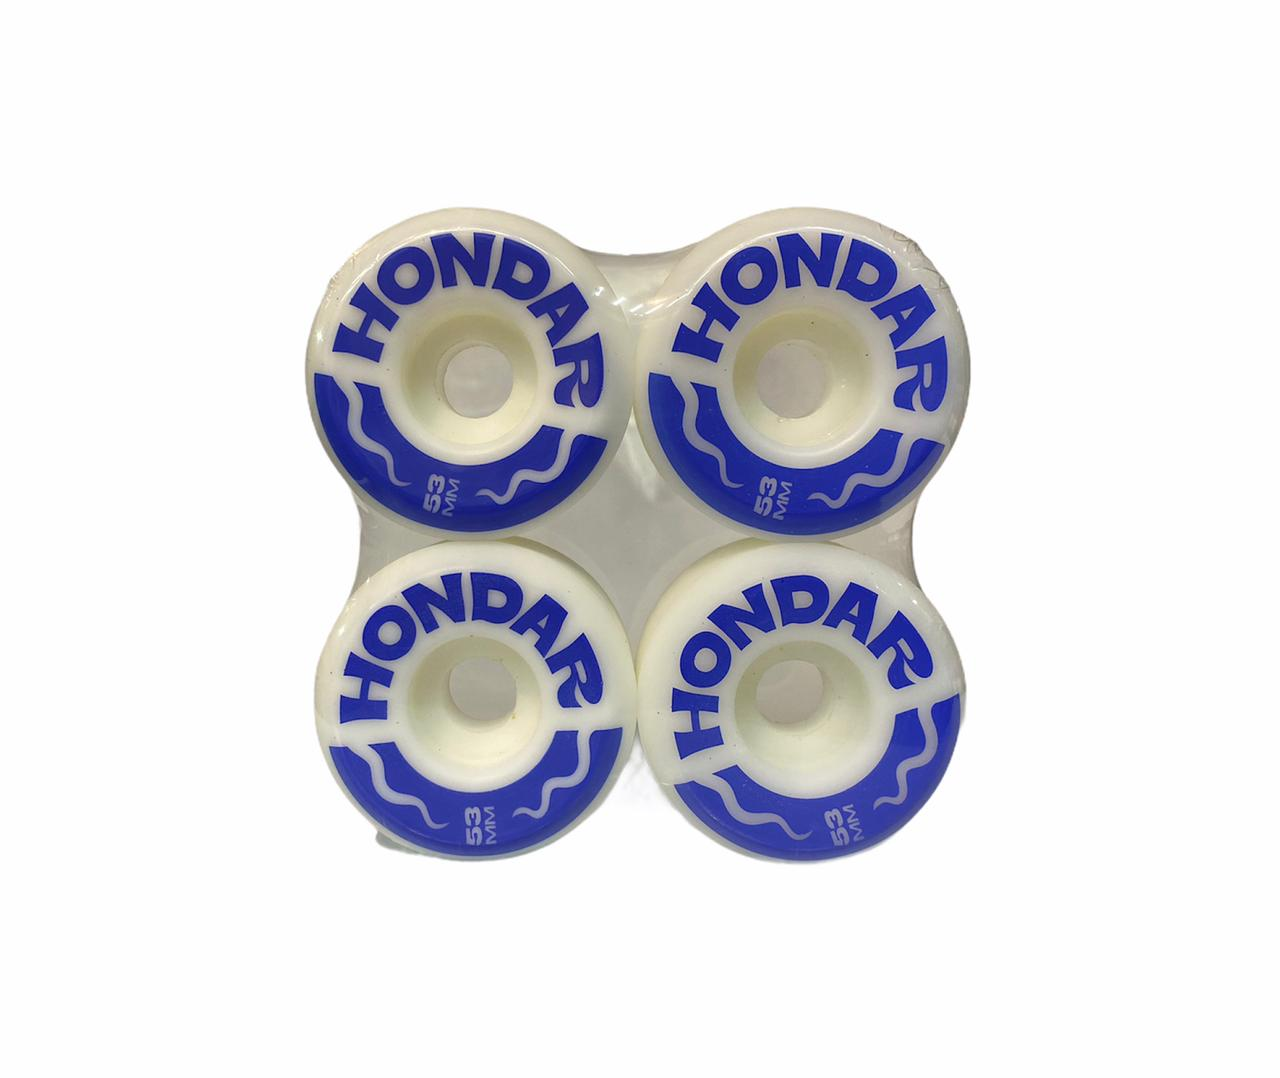 Roda Hondar Boogie Cônica 53mm